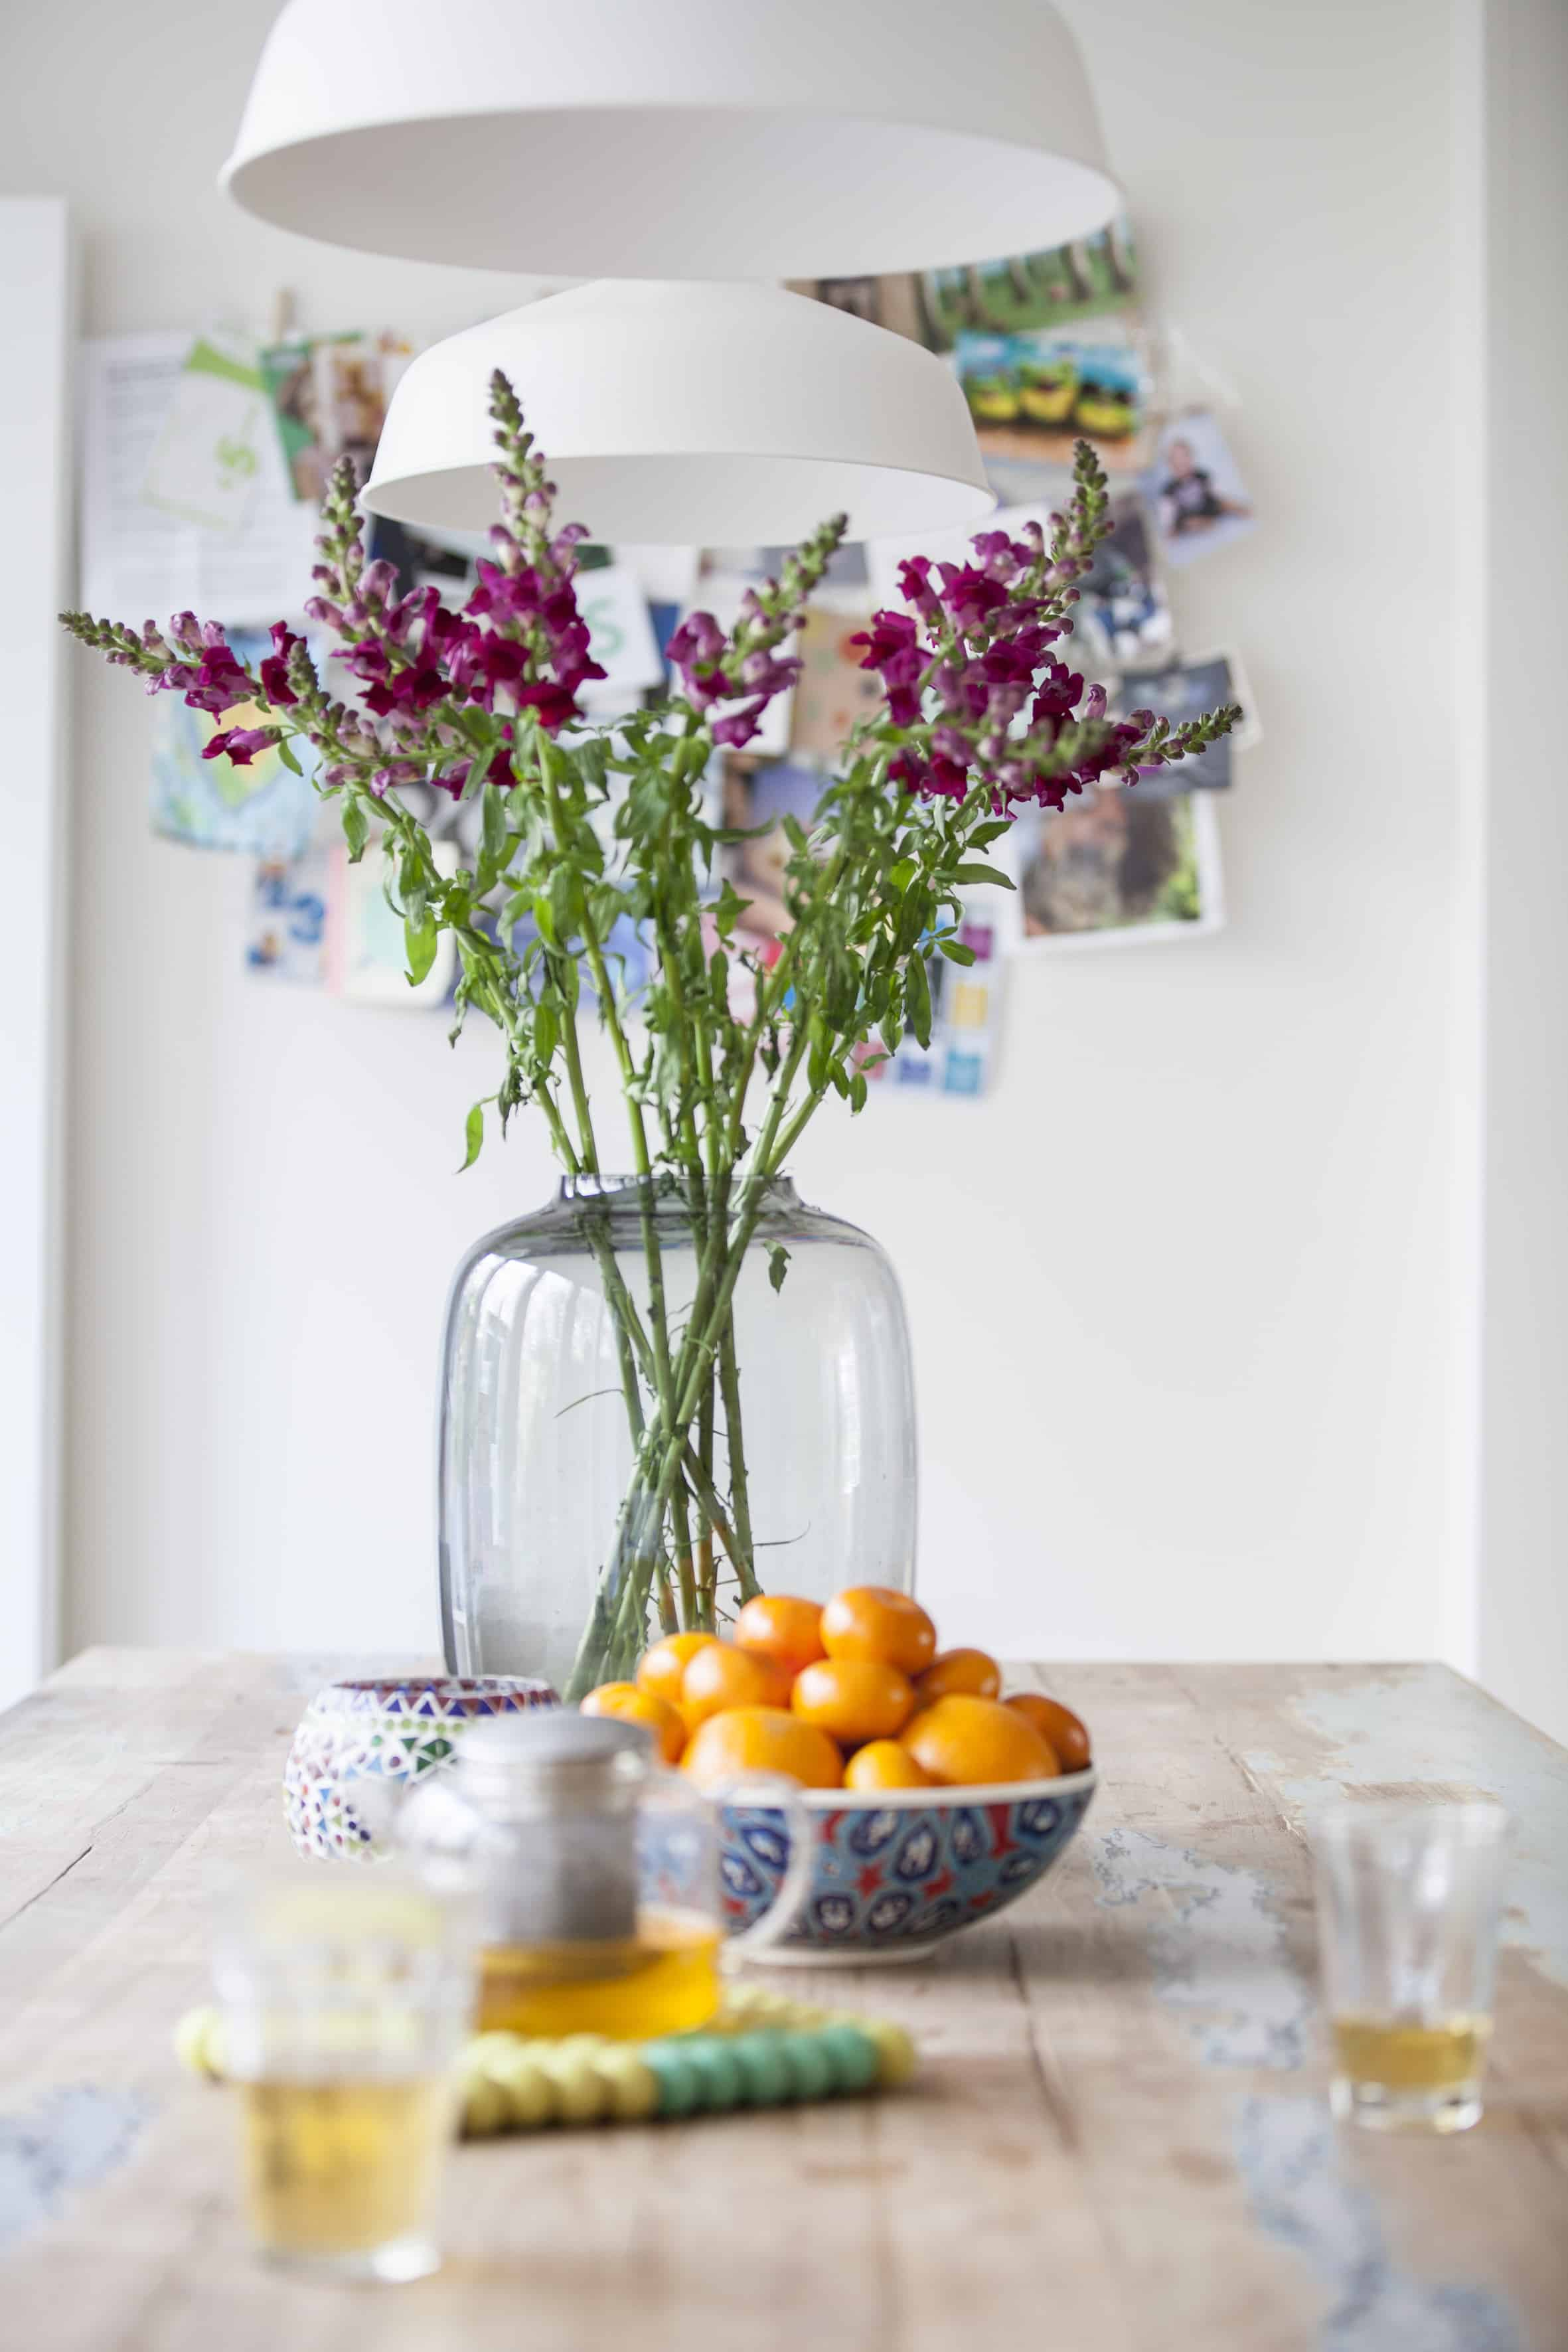 /Stylingklus bij Wouter en Fiona- tafereel keuken tafel